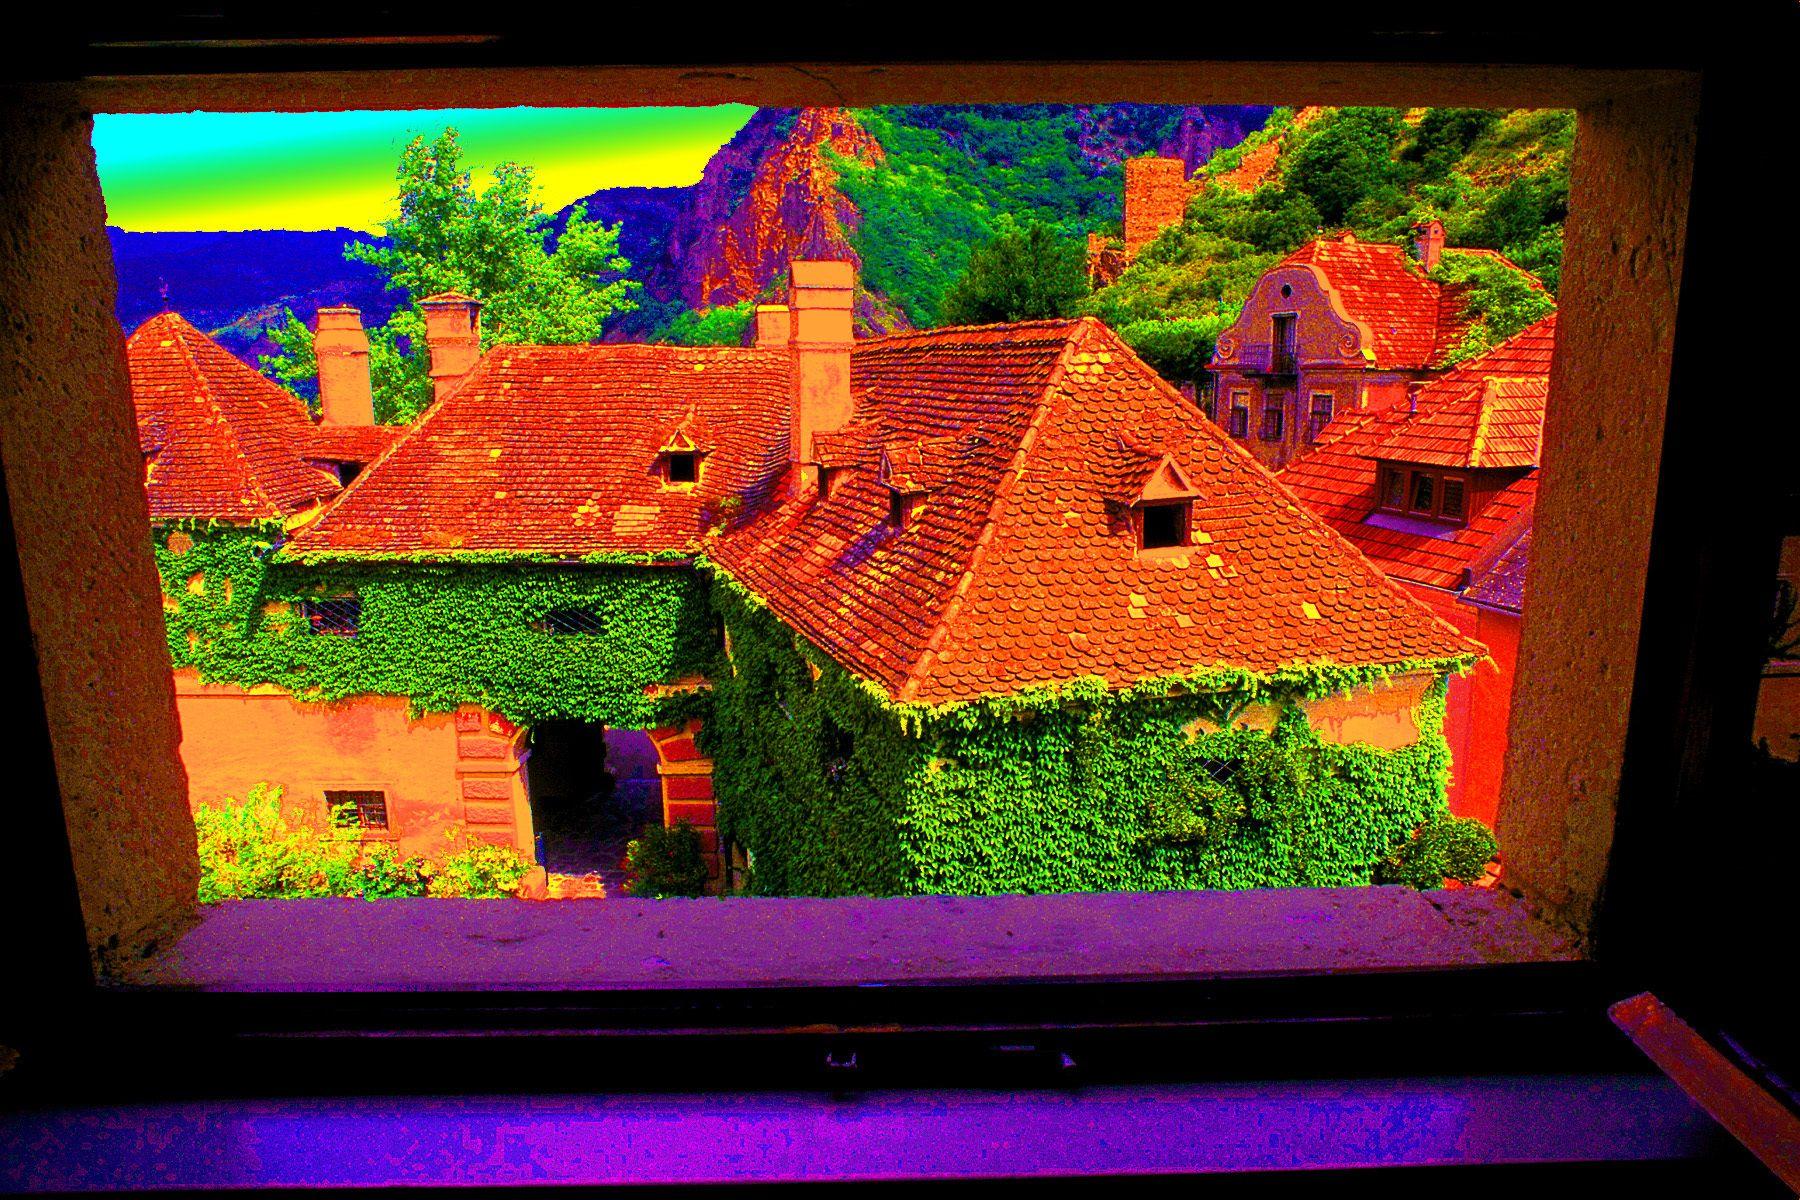 14_0_8_1c__gottlieb_window_rooftop_view.jpg